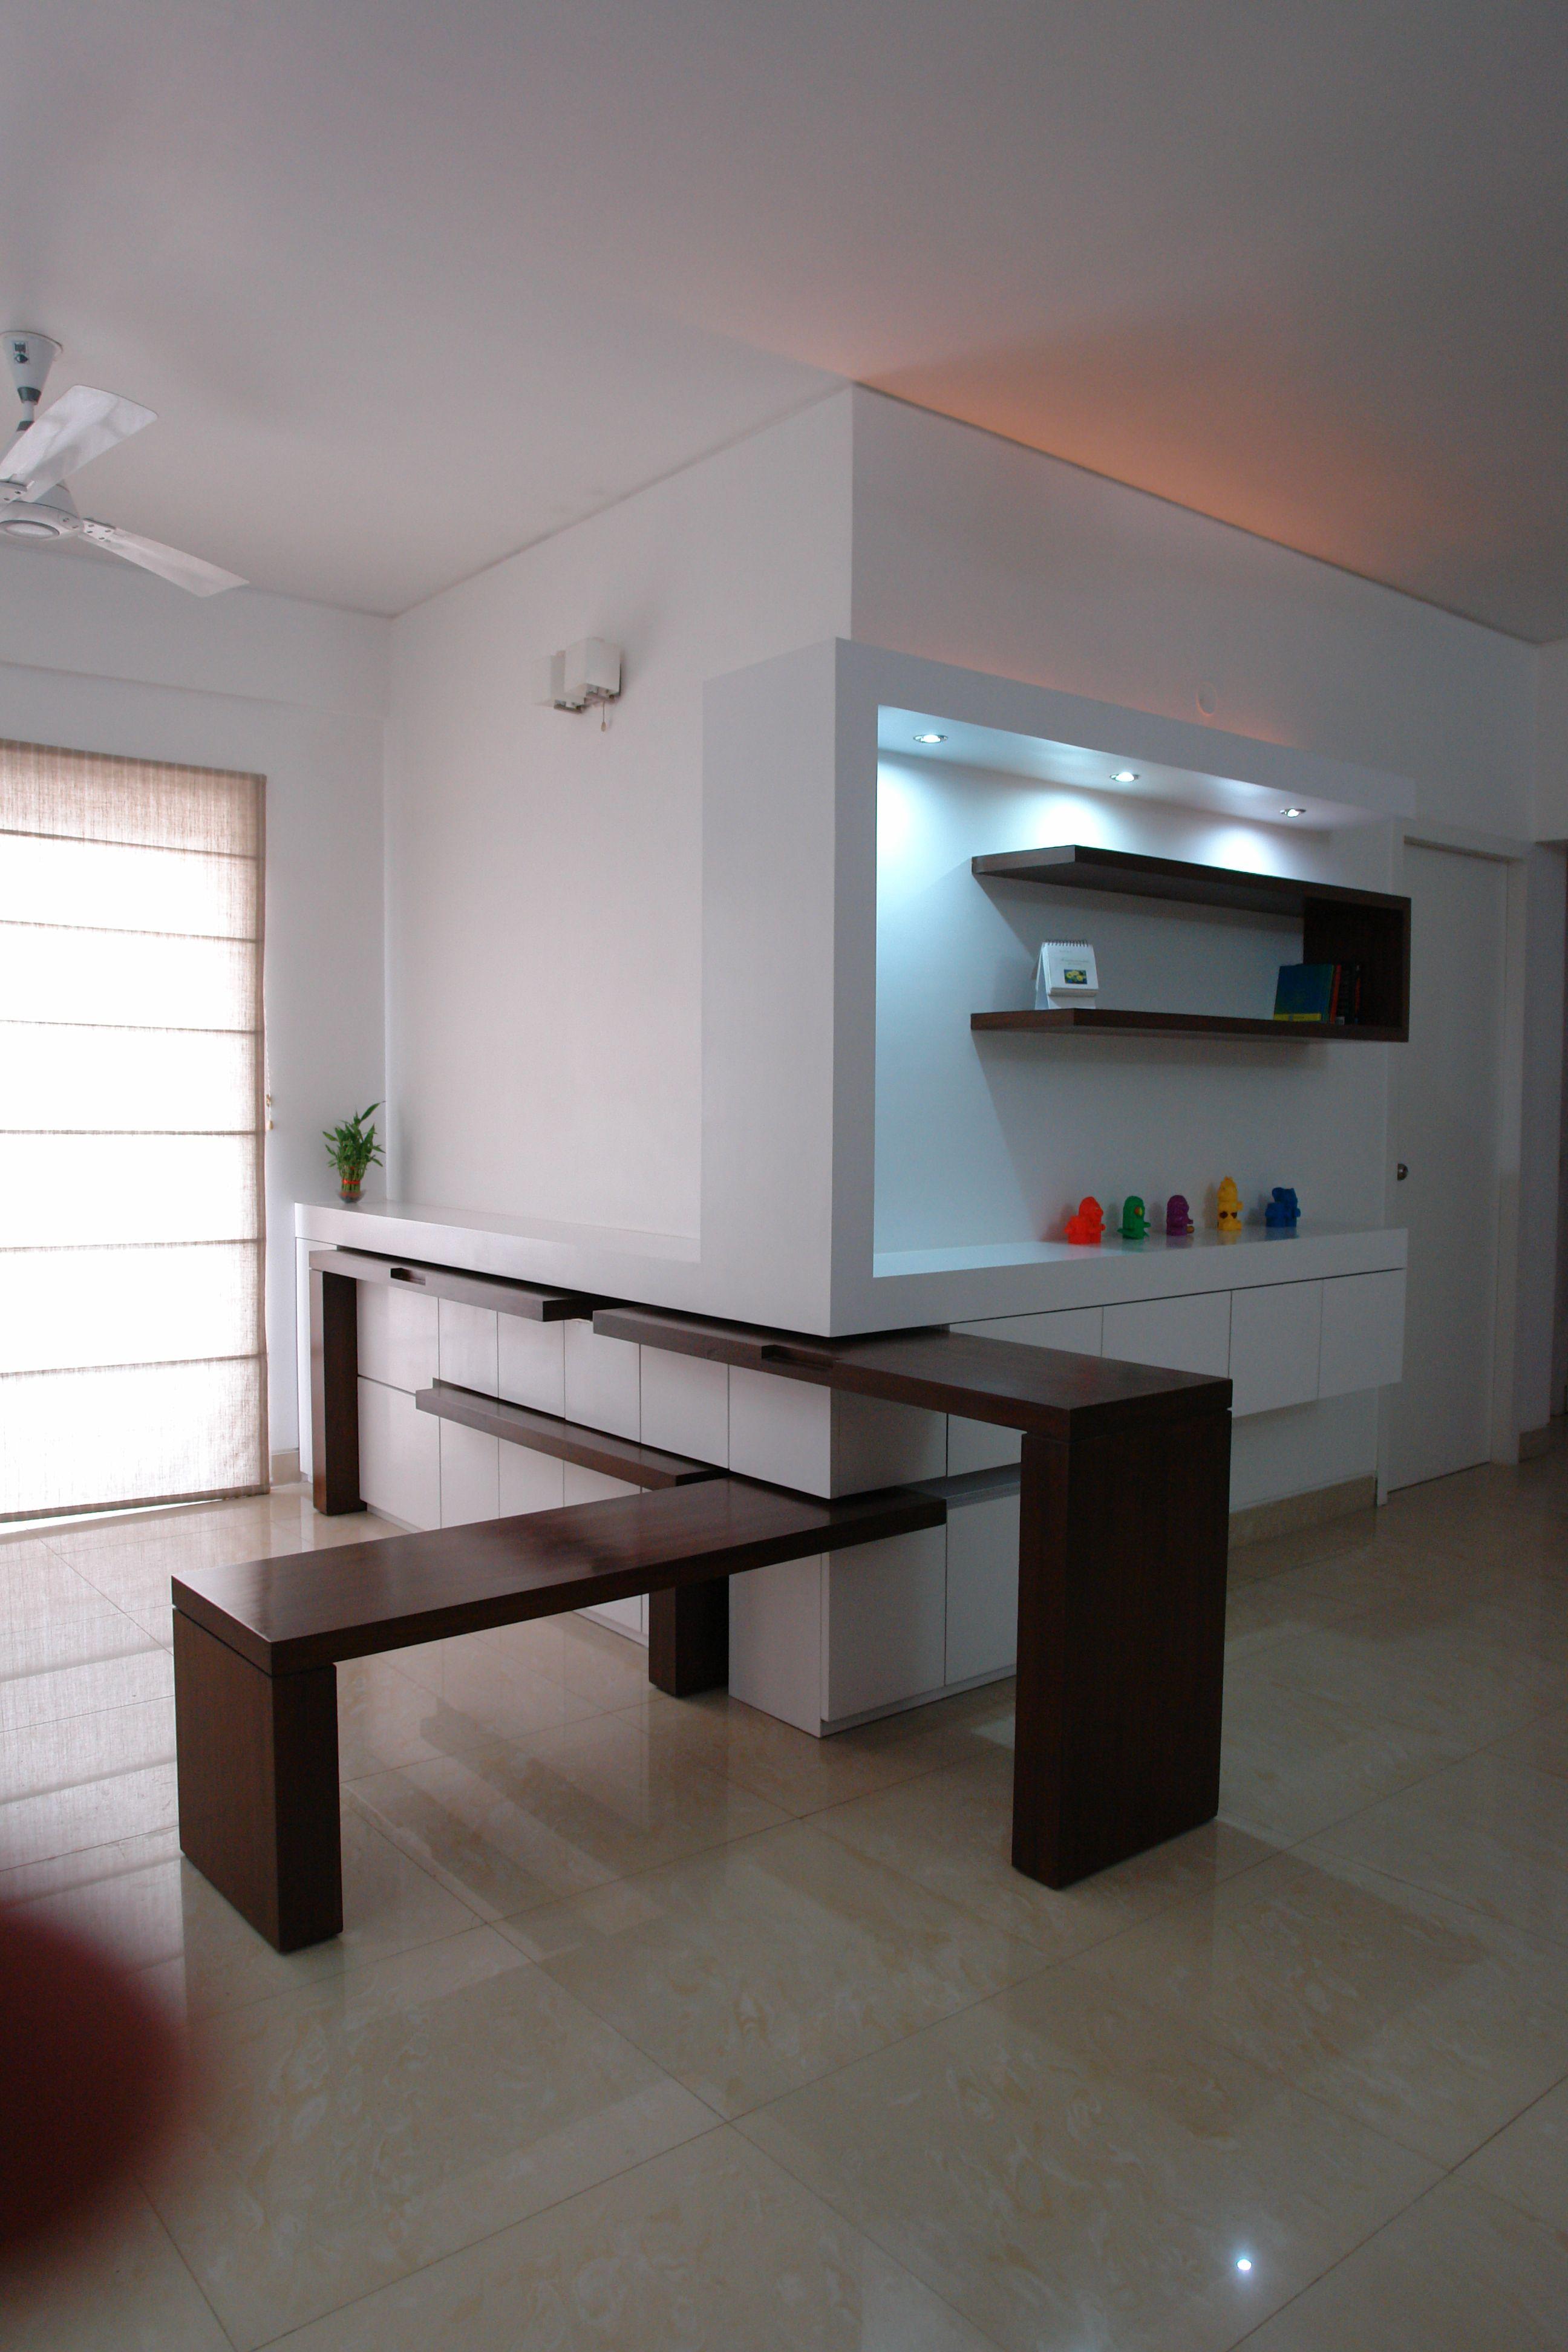 Platzsparender Esstisch, Esstische, Wand Esstisch, Tischbank,  Zusammenklappbarertisch, Arbeitsbereiche, Kleine Räume, Küche Und  Esszimmer, Hip Schlafzimmer